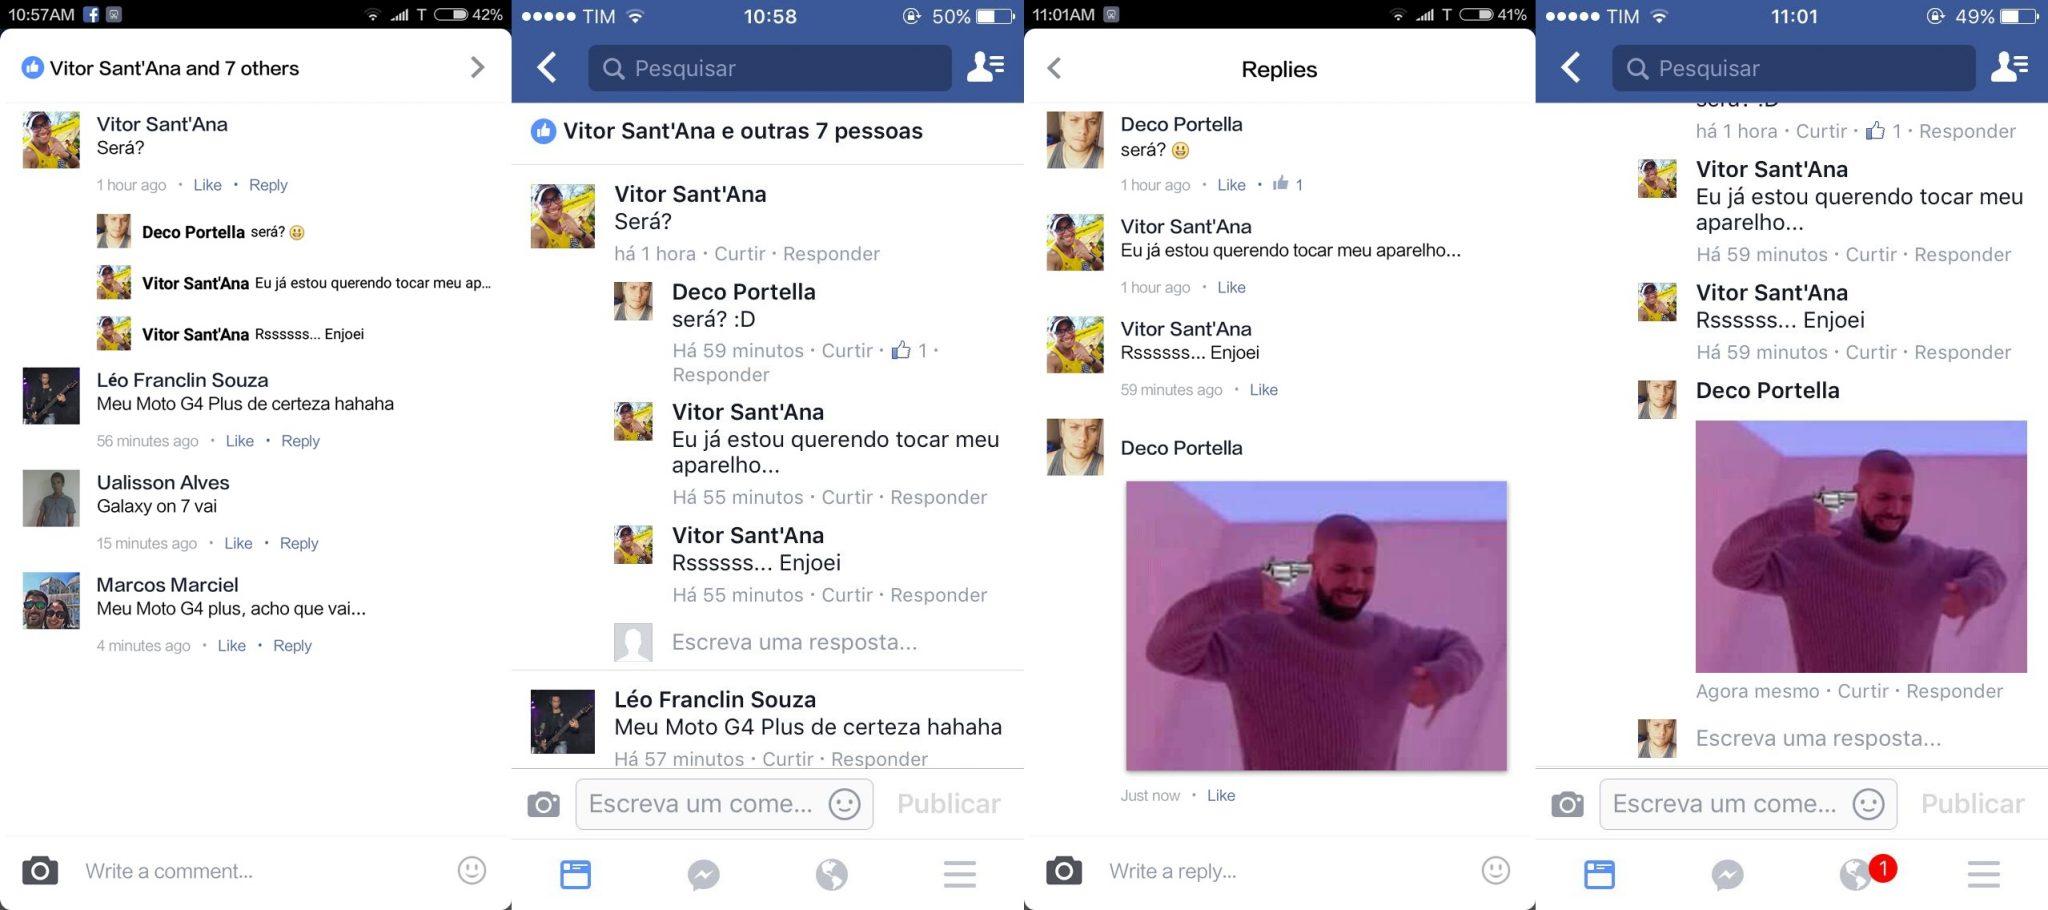 comparativo-facebook-2-3